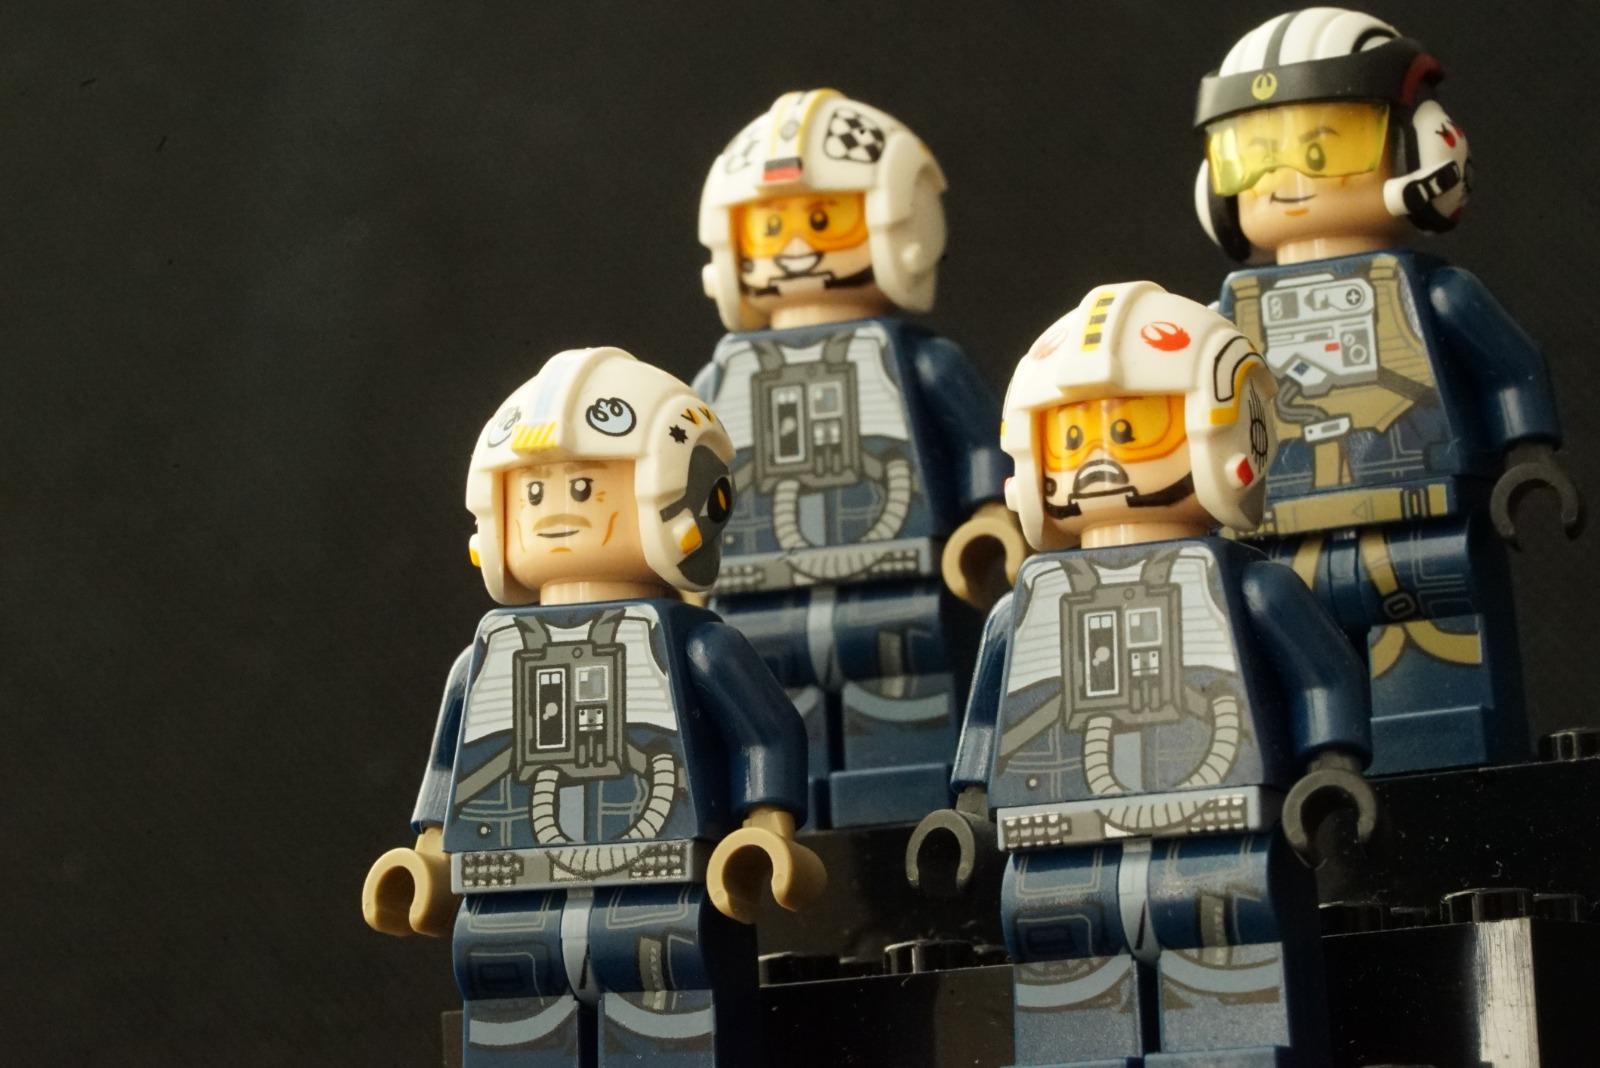 ブルー中隊に所属したパイロットたち(LEGOミニフィグまとめ